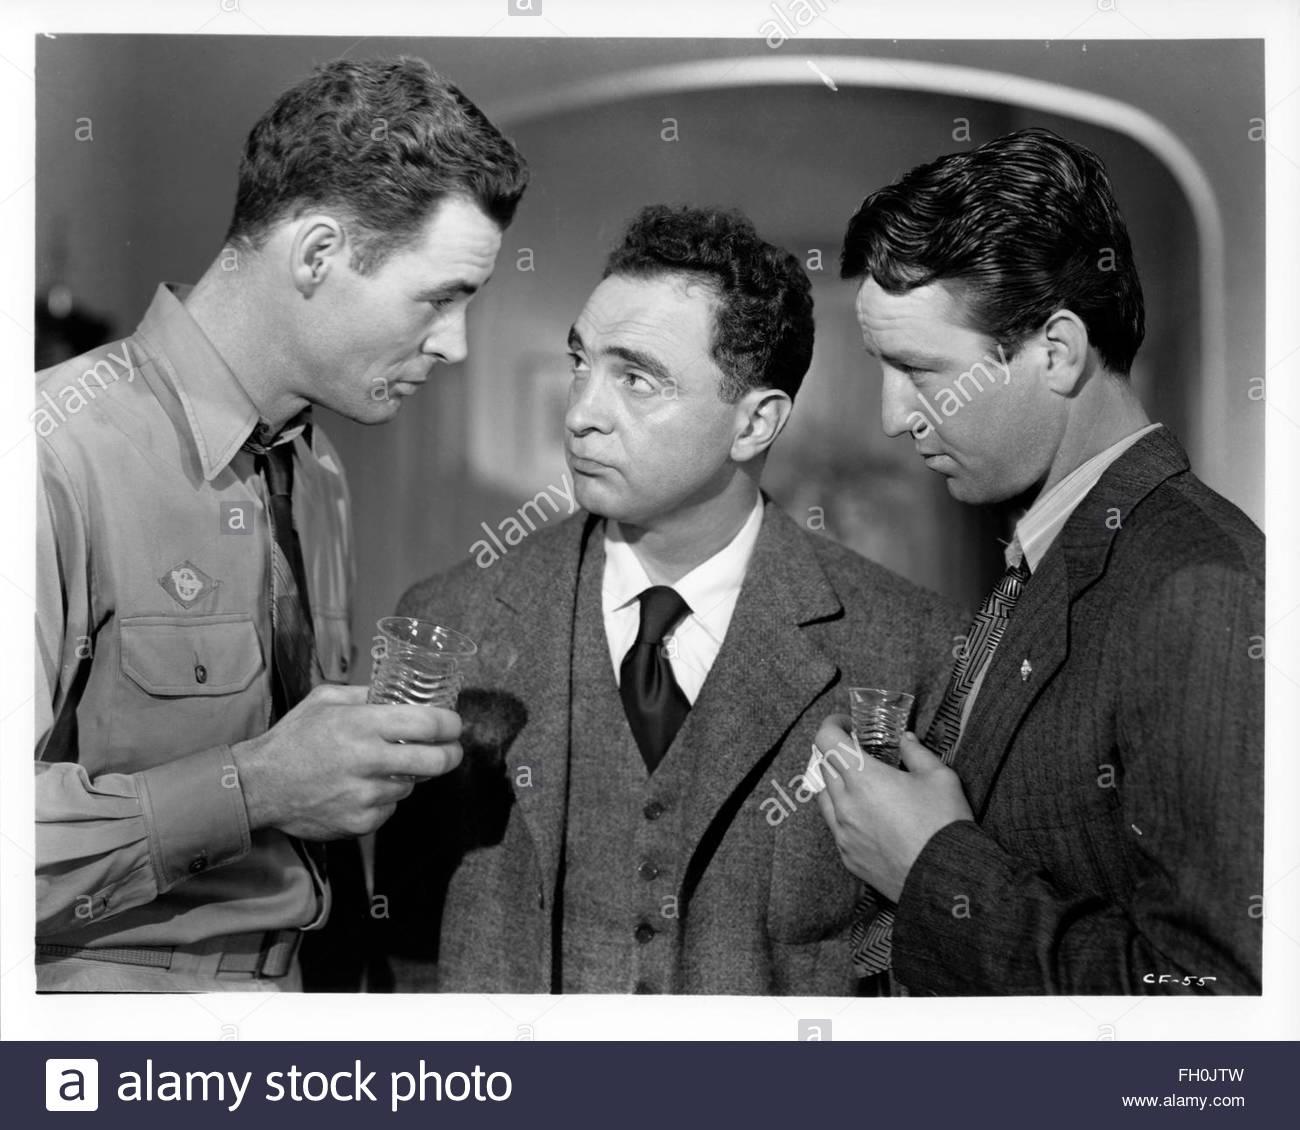 CROSSFIRE (1947) izquierda - derecha: Robert Ryan, Joseph Samuels, Steve Brodie. Weems Granamour cortesía Colección. Foto de stock